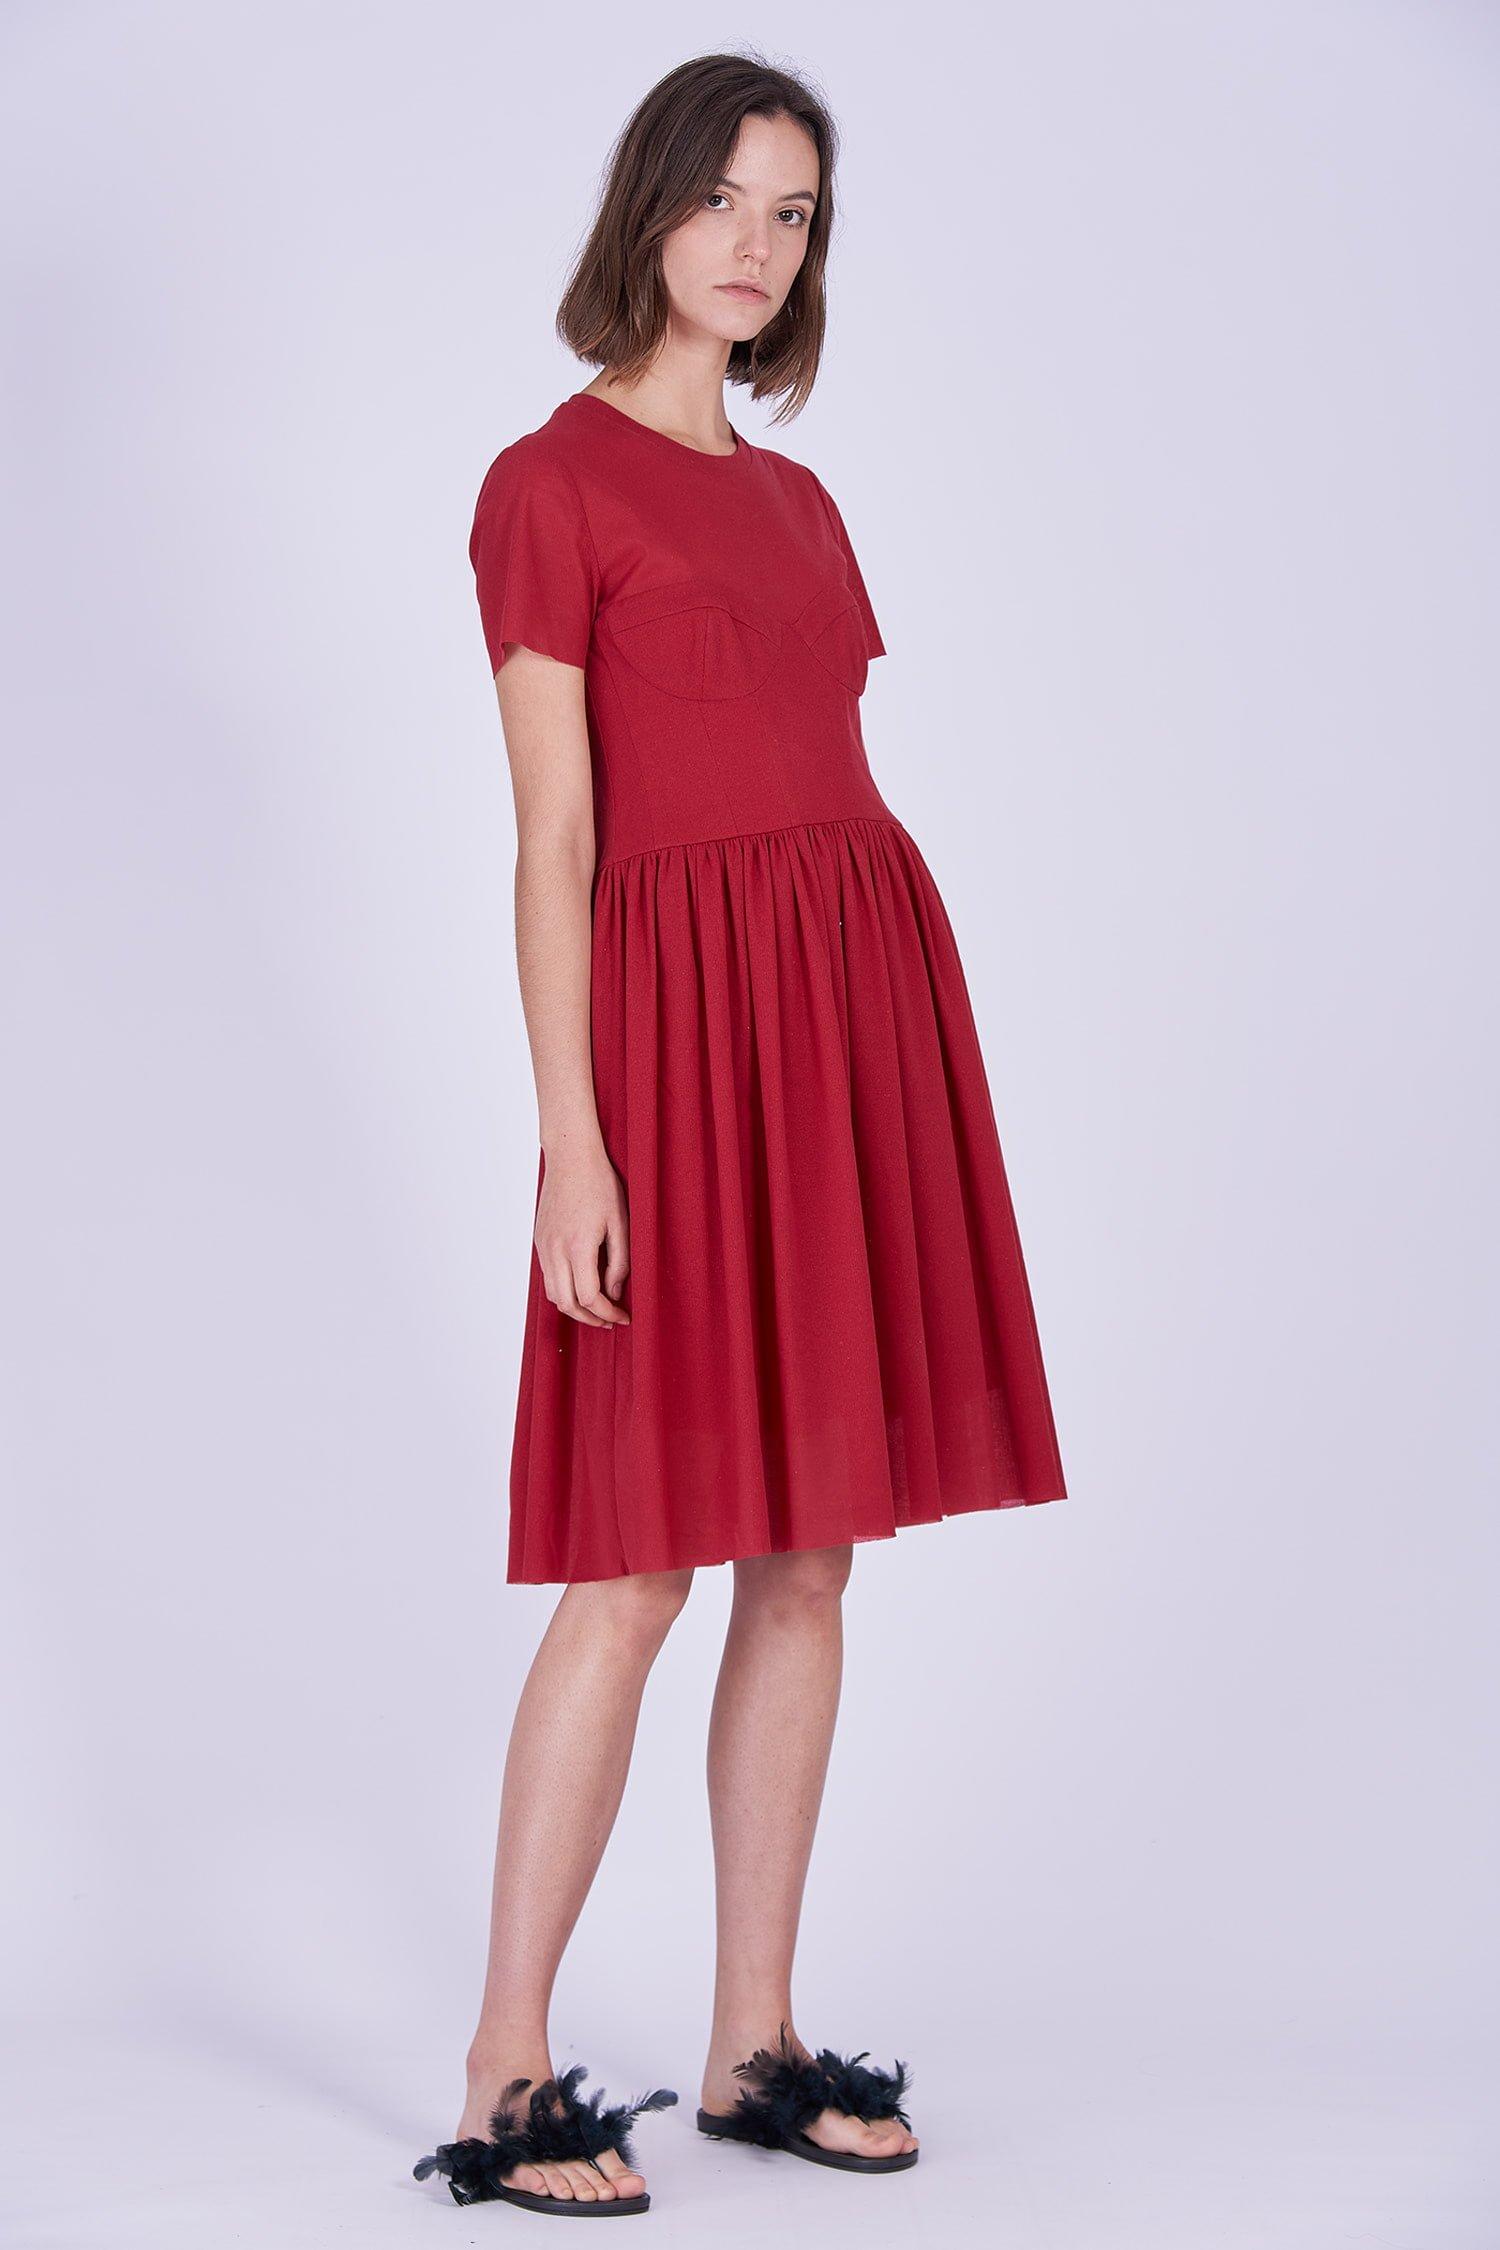 Acephala Ps2020 Red Midi Date Dress Czerwona Sukienka Wieczorowa Randka Front Side